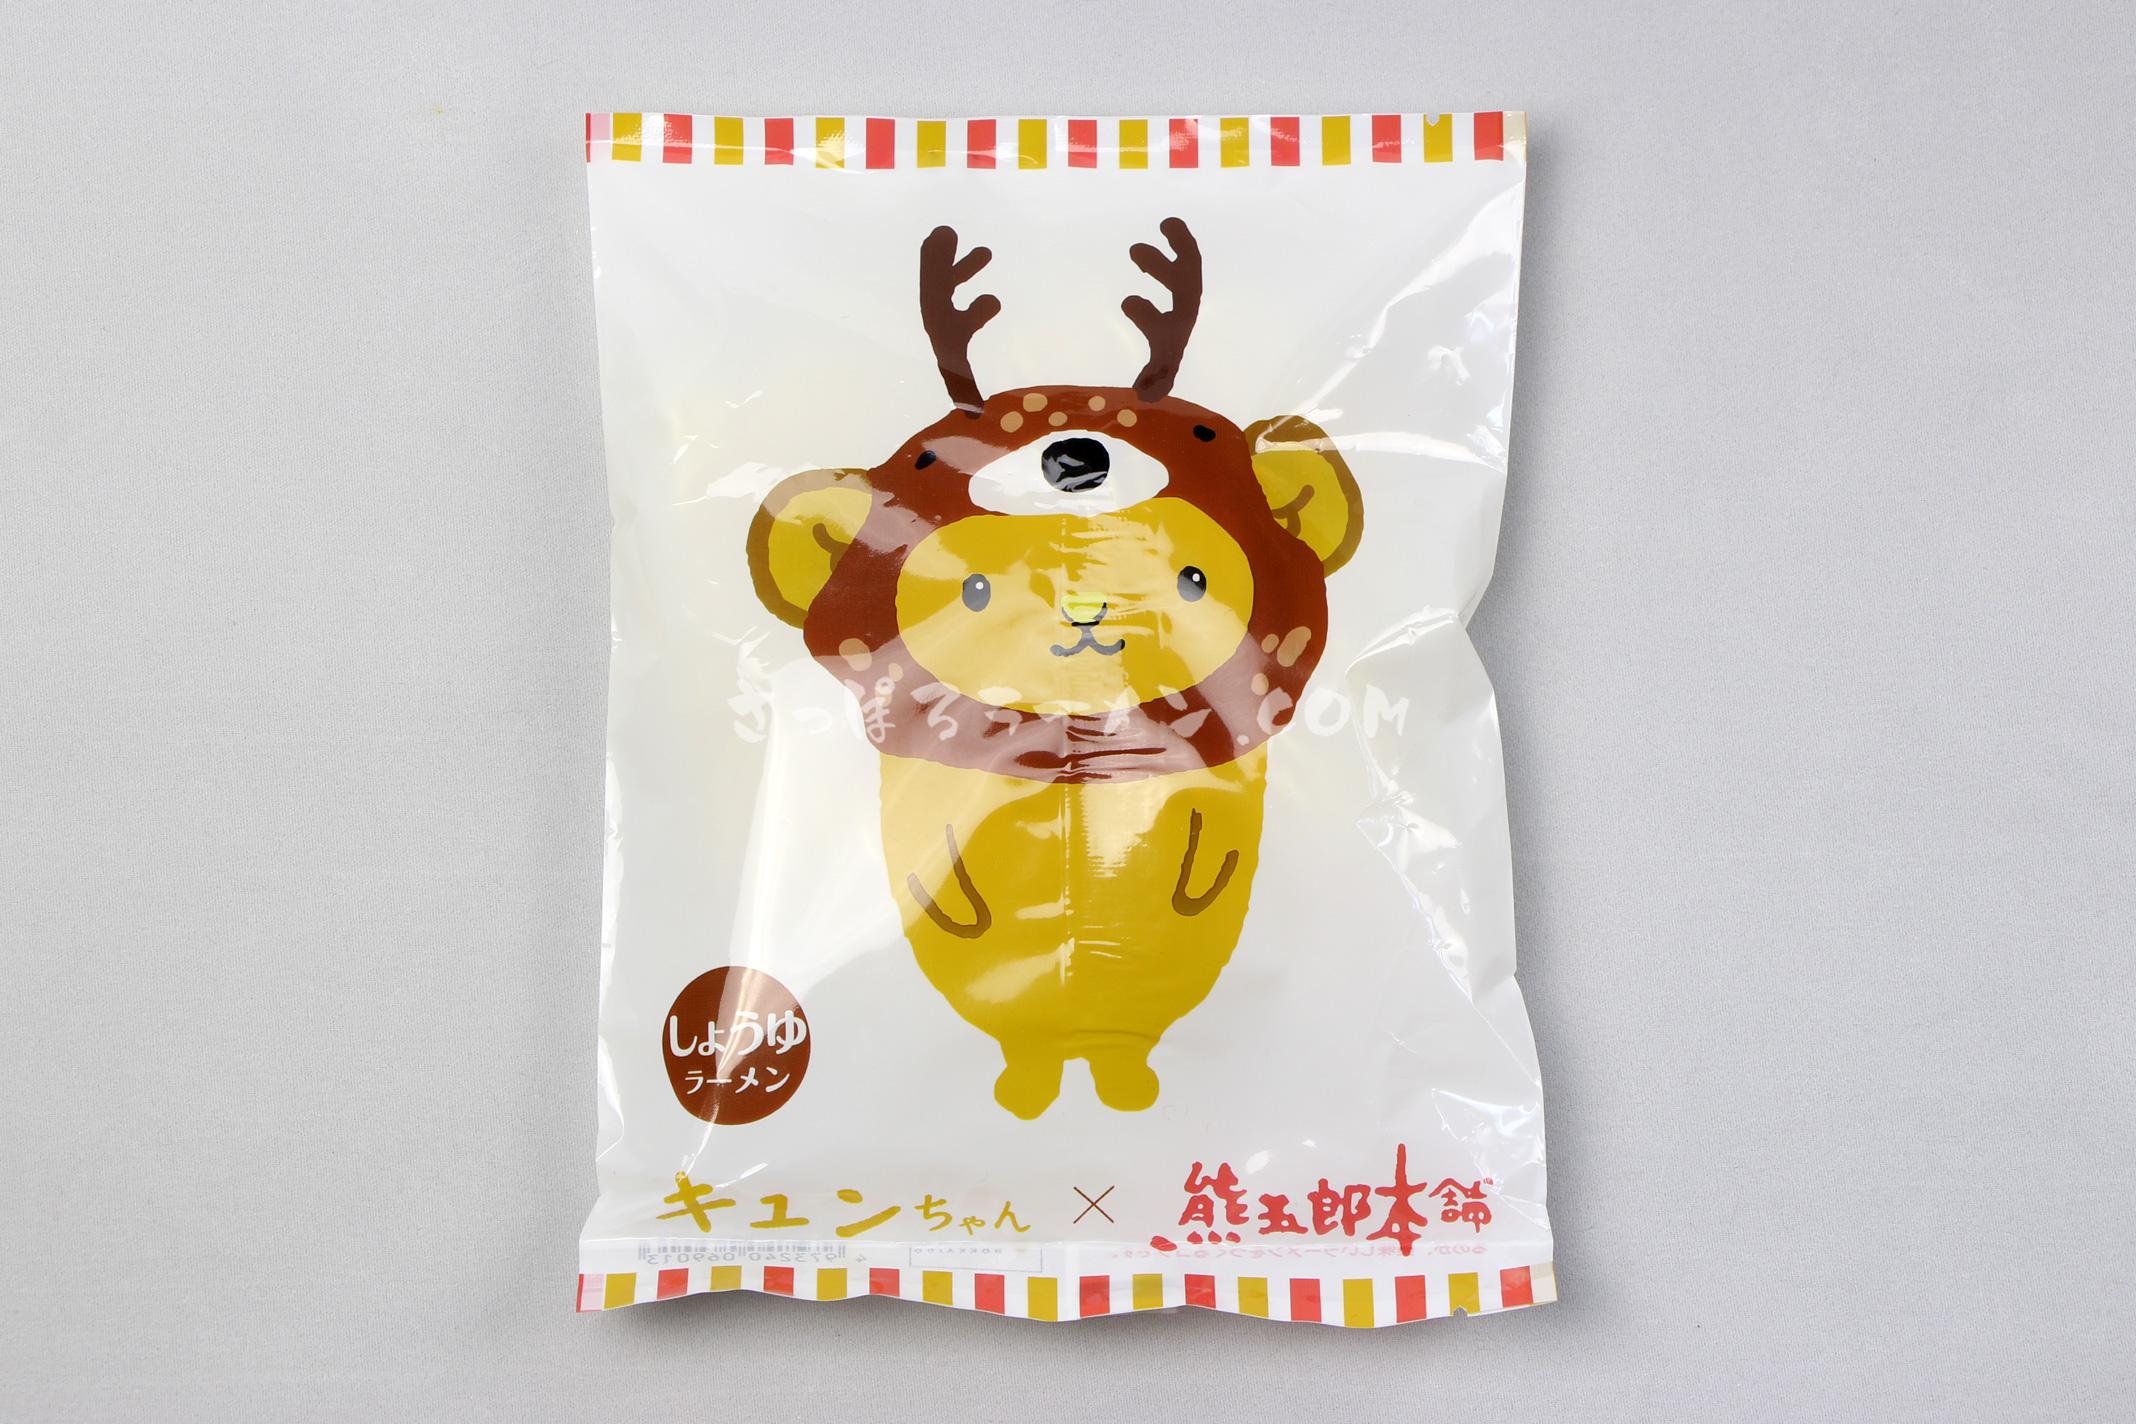 「キュンちゃんラーメン(しょうゆラーメン)」(熊五郎本舗)のパッケージ(表)